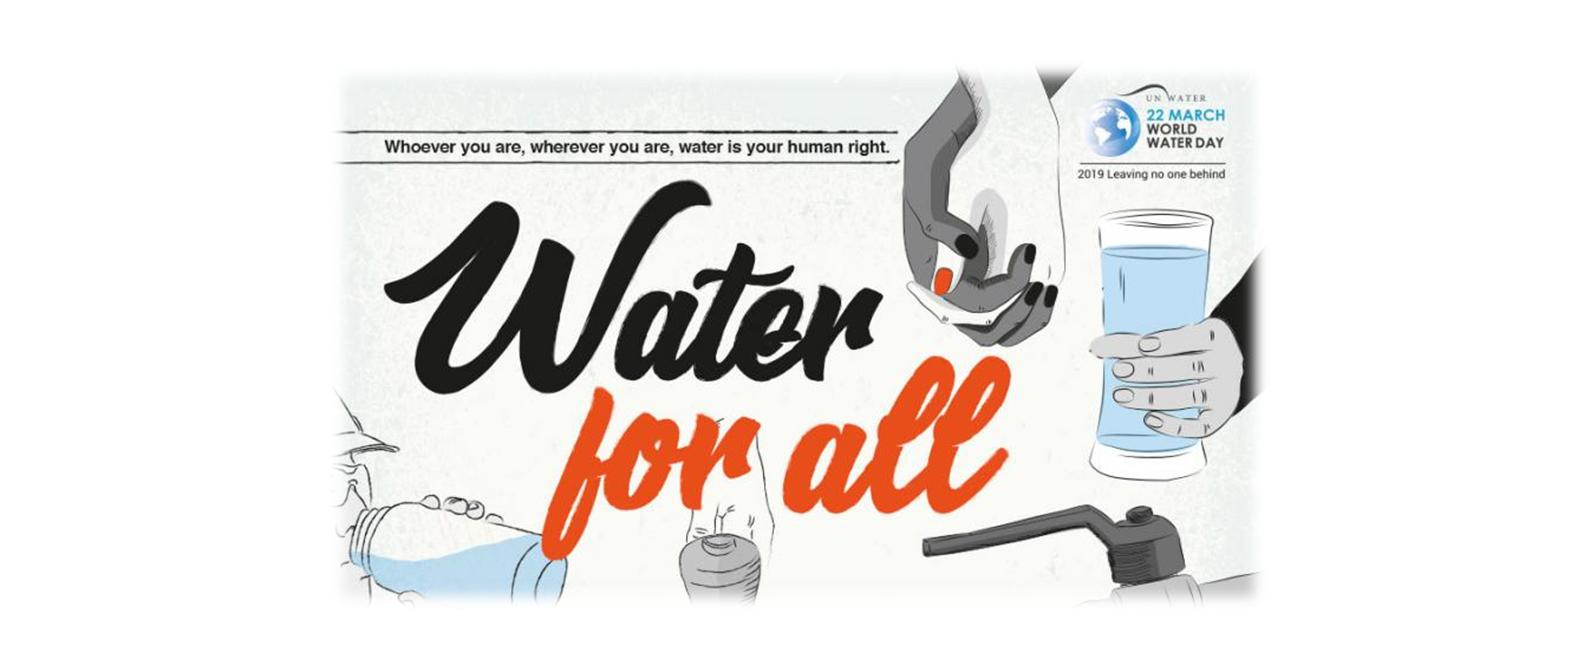 Svjetski dan voda  - 22. ožujka 2019.